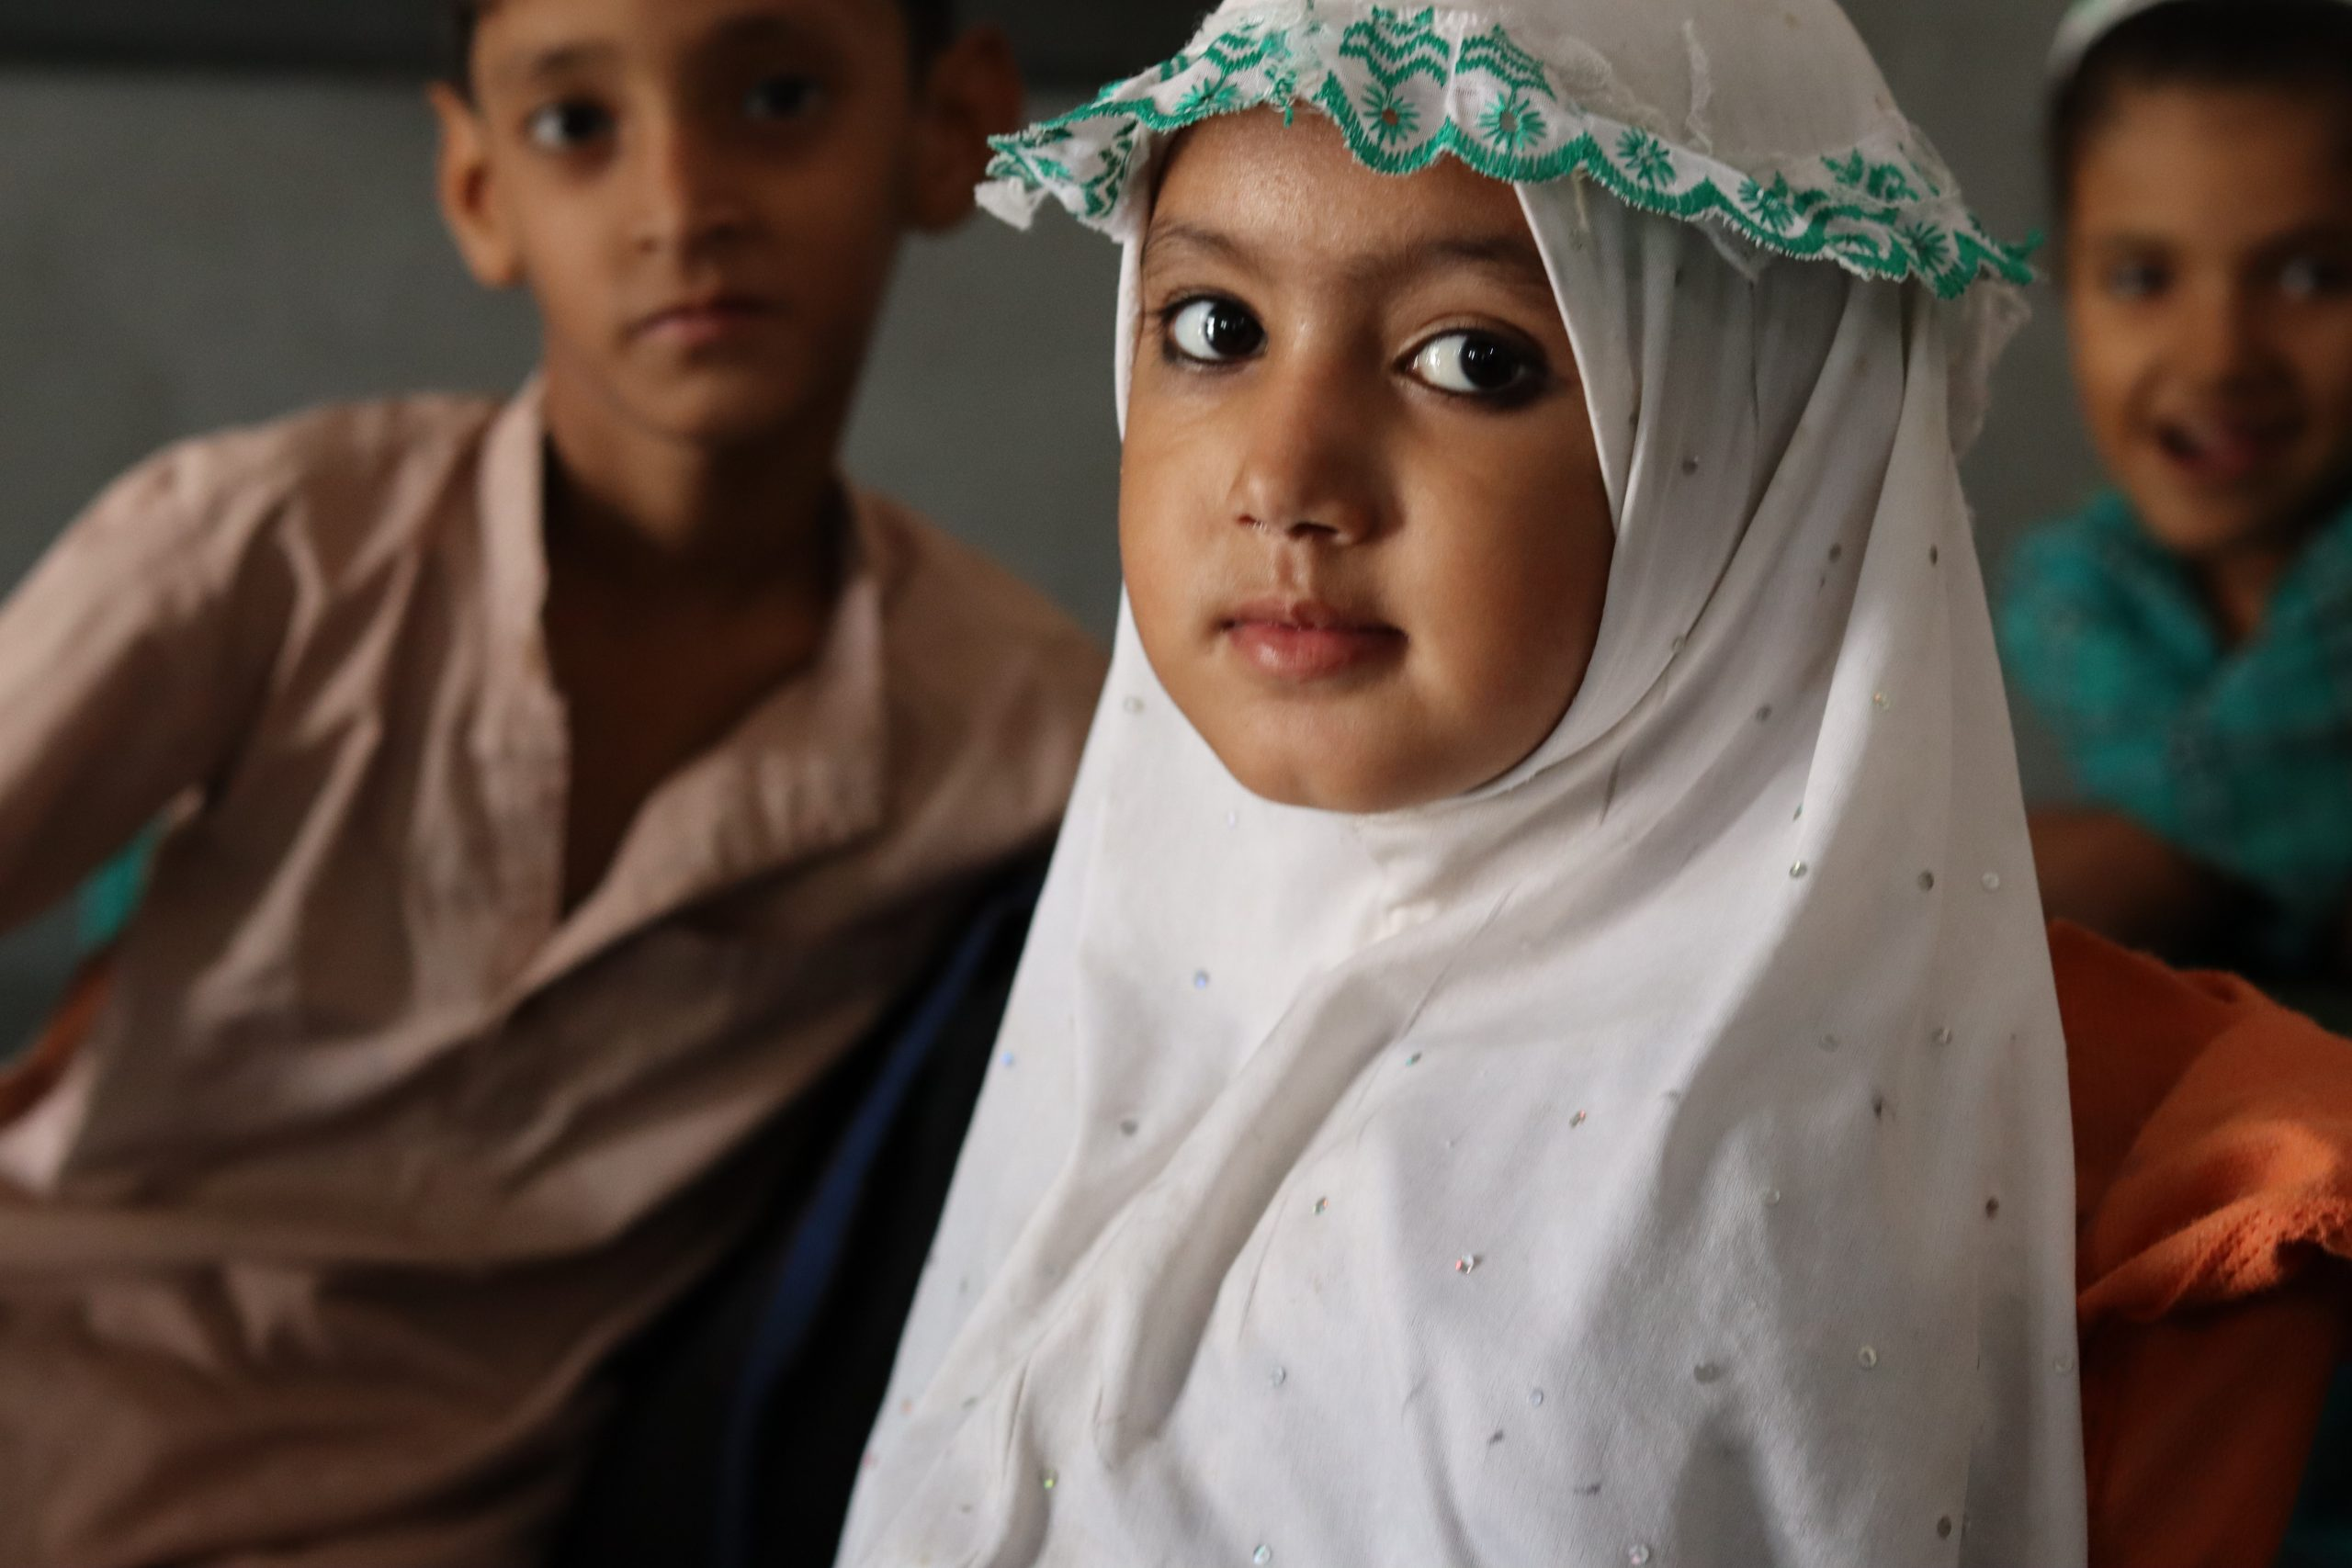 گورنمنٹ  ایم سی پرائمری  سکول رحیم آباد (ملتان) میں جماعت  نرسری کی طالبہ کا ایک خوبصورت انداز